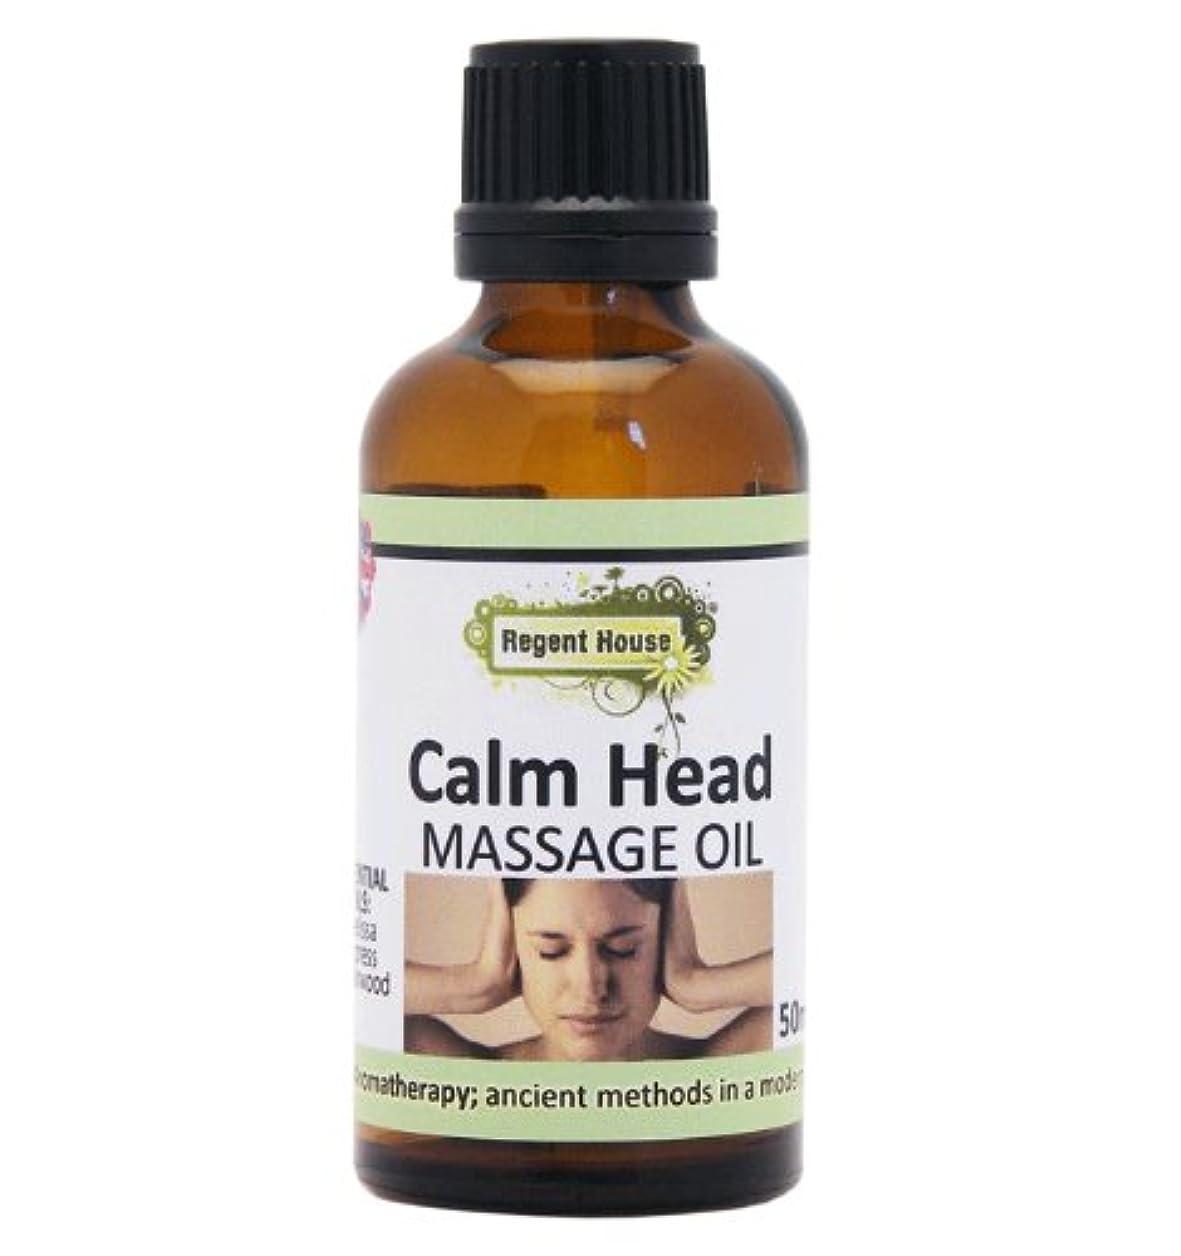 衝動カフェ不快な天然の精油がたっぷり入って、この値段。 アロマ ナチュラル マッサージオイル 50ml カームヘッド(Aroma Massage Oil Calm Head)